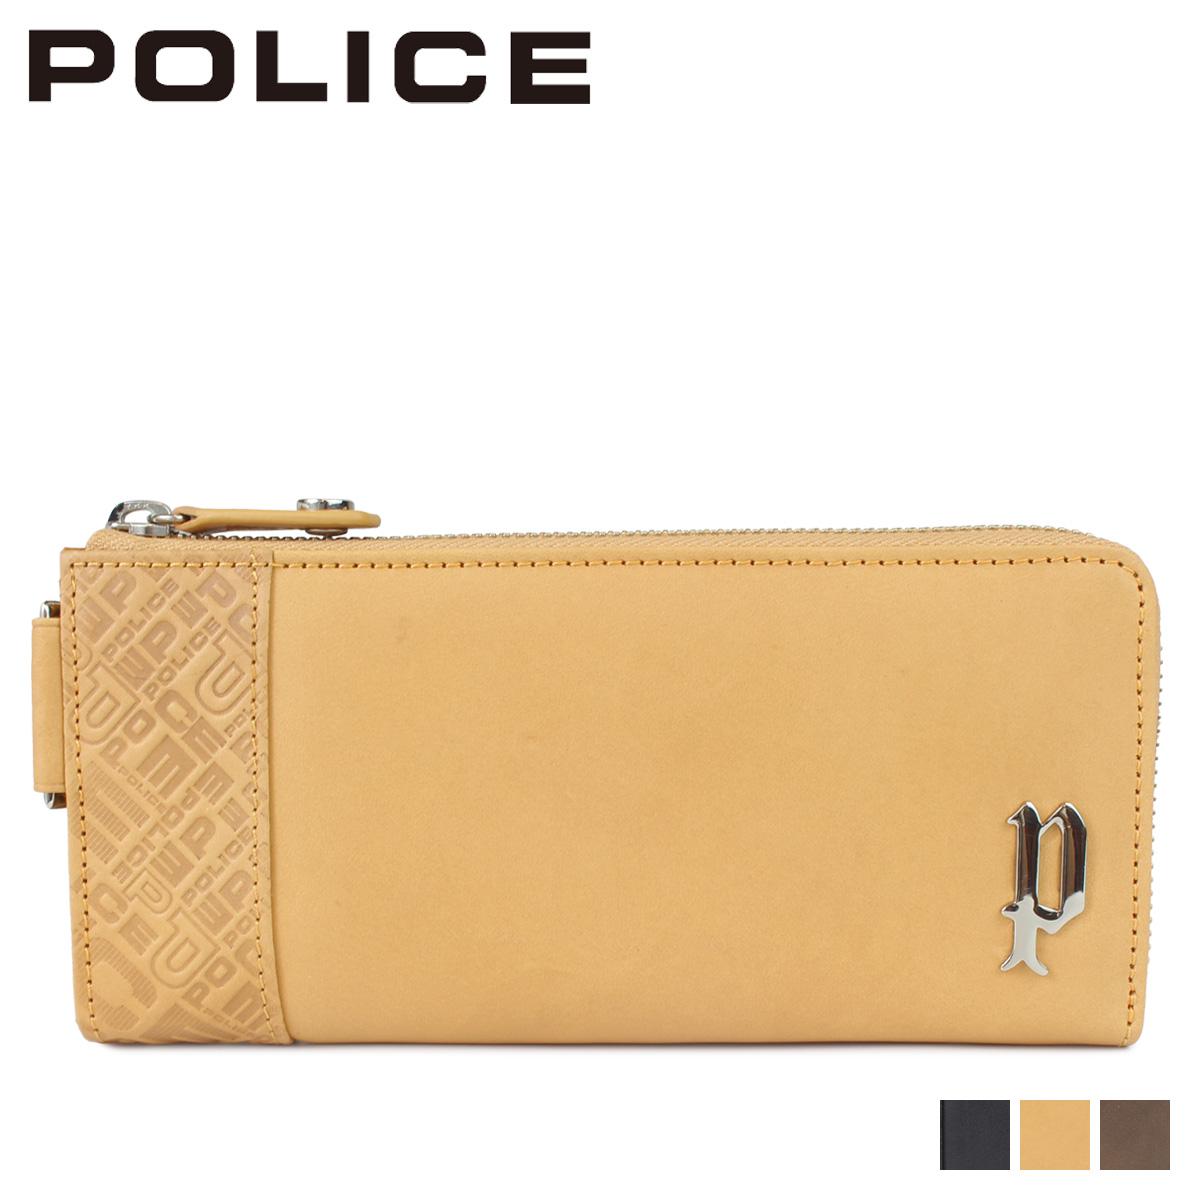 POLICE CIRCUIT LONG WALLET ポリス 財布 長財布 メンズ L字ファスナー レザー ブラック グレー キャメル 黒 PA-6103